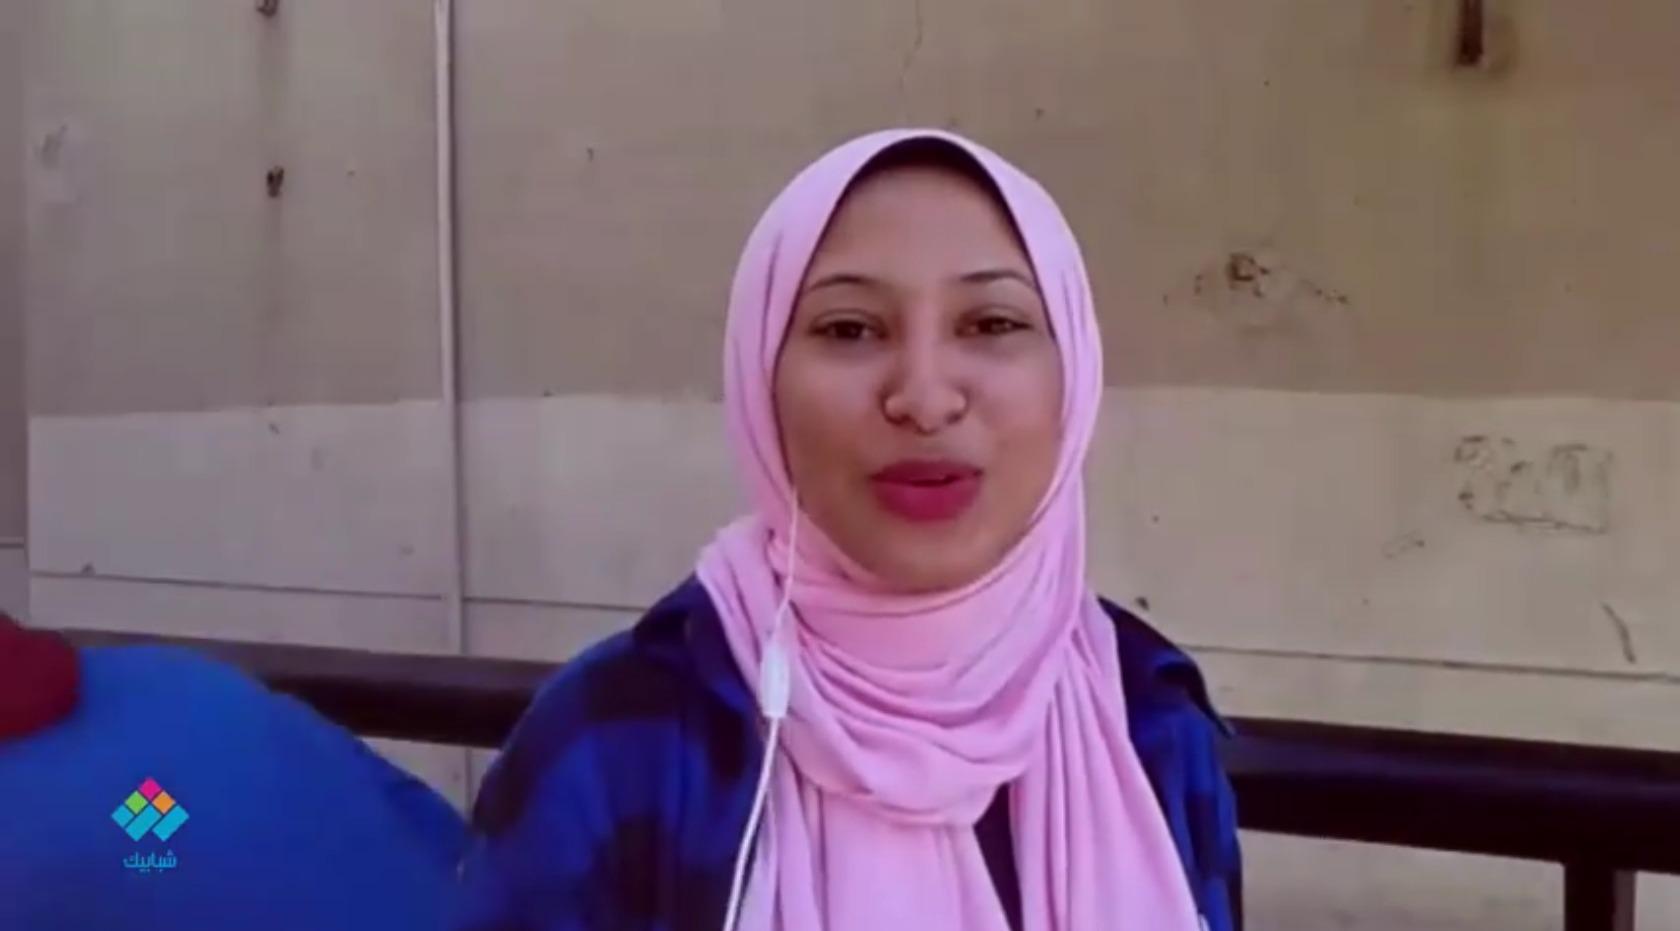 طالبة بجامعة القاهرة تغني «في يوم وليلة» للفنانة وردة